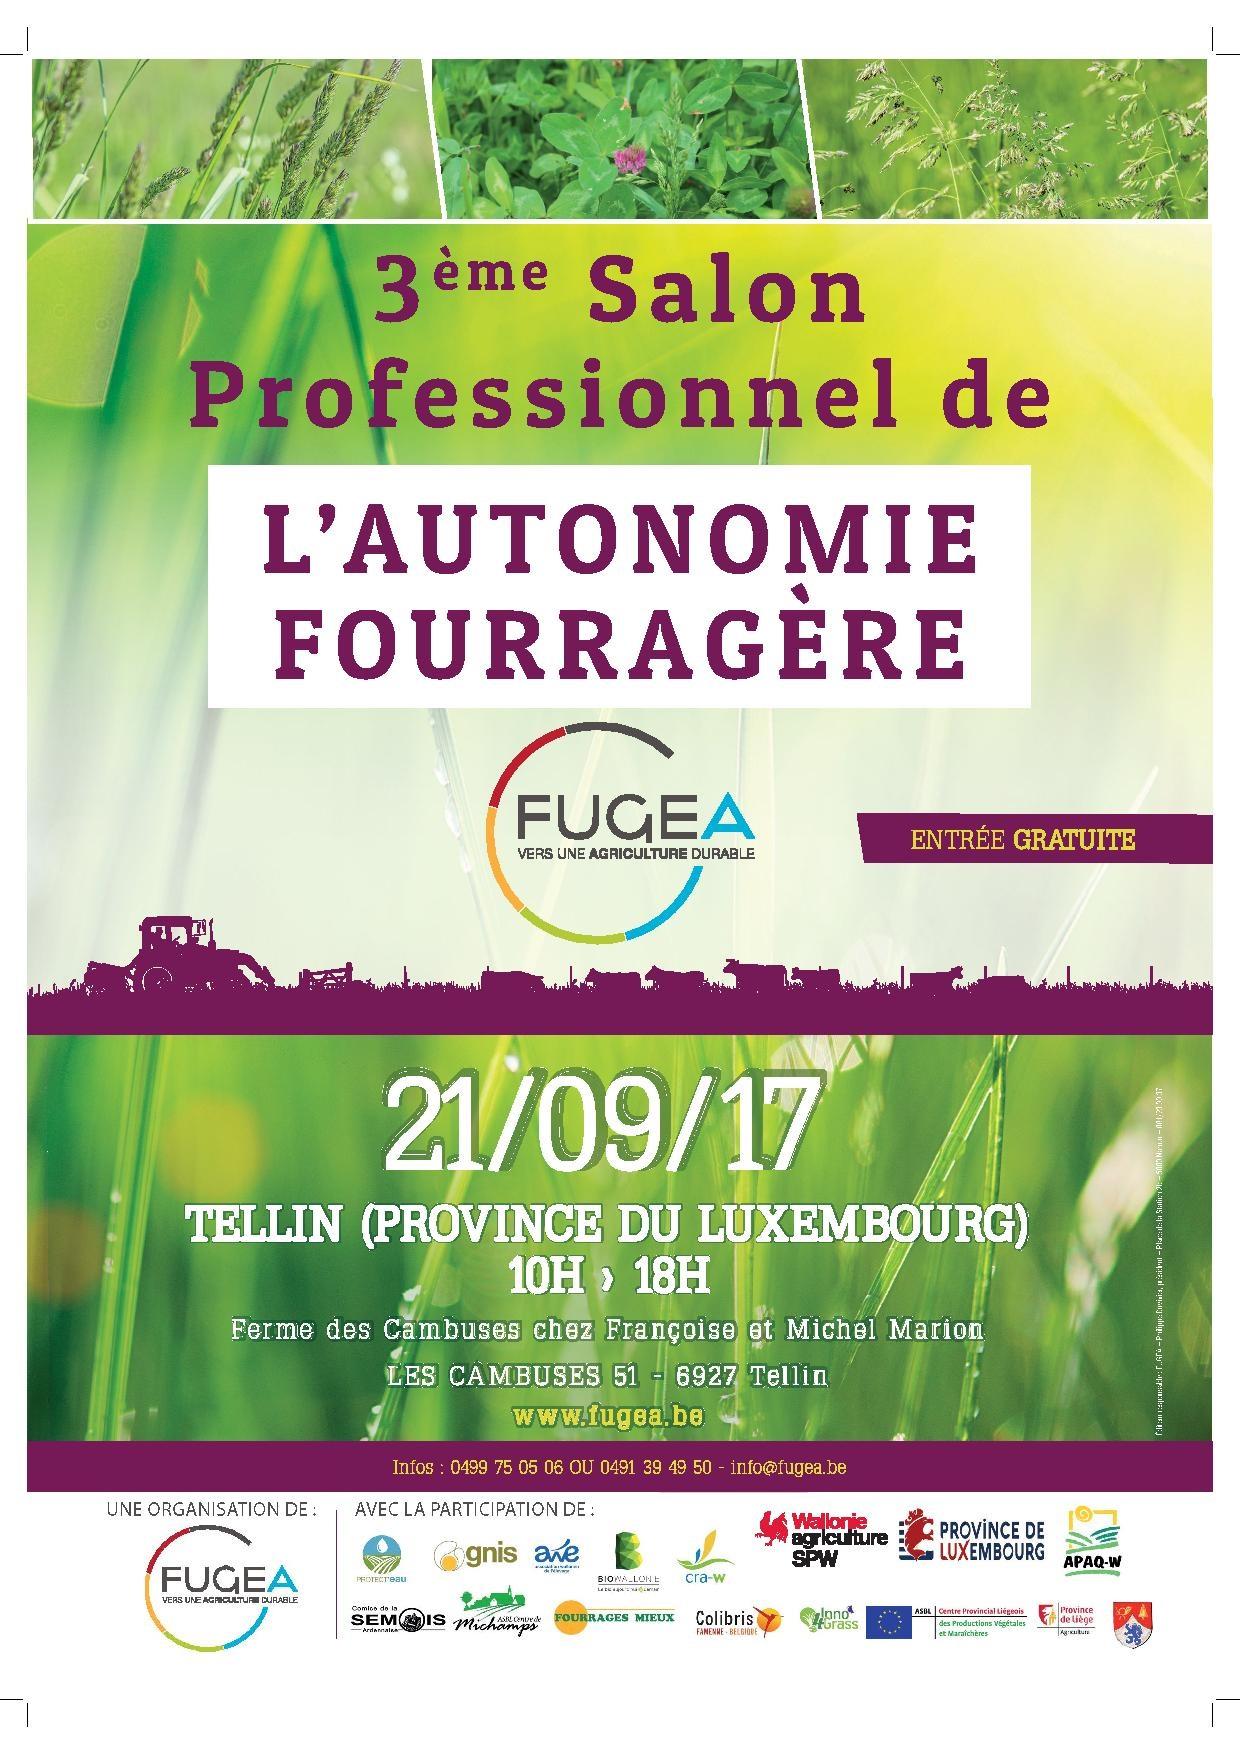 Salon Professionnel de l'Autonomie Fourragère 2017